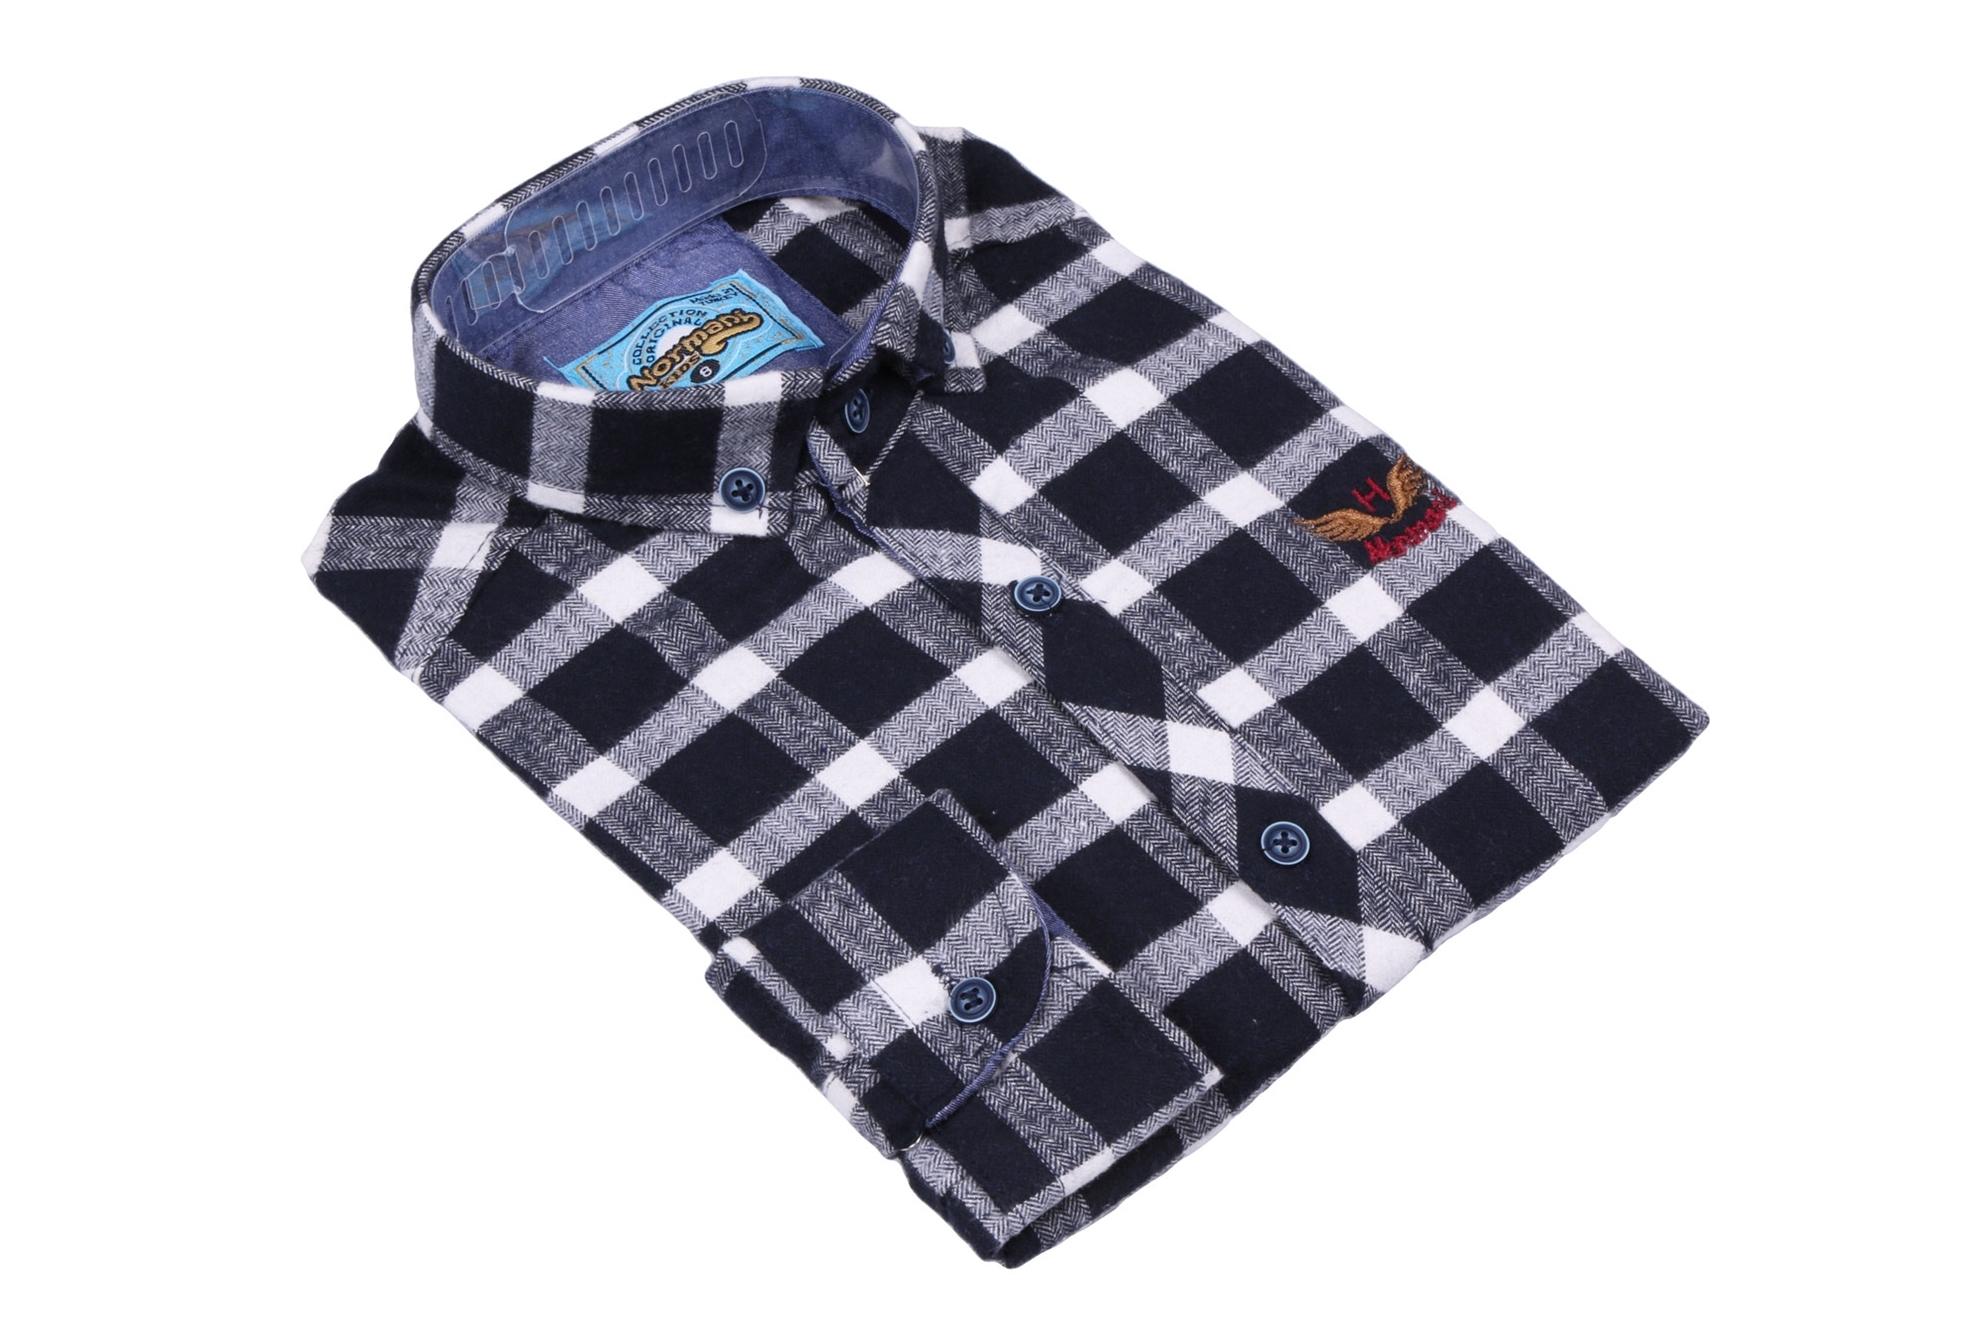 Хлопковая рубашка в клетку для мальчика (Арт. ТВ 2826)